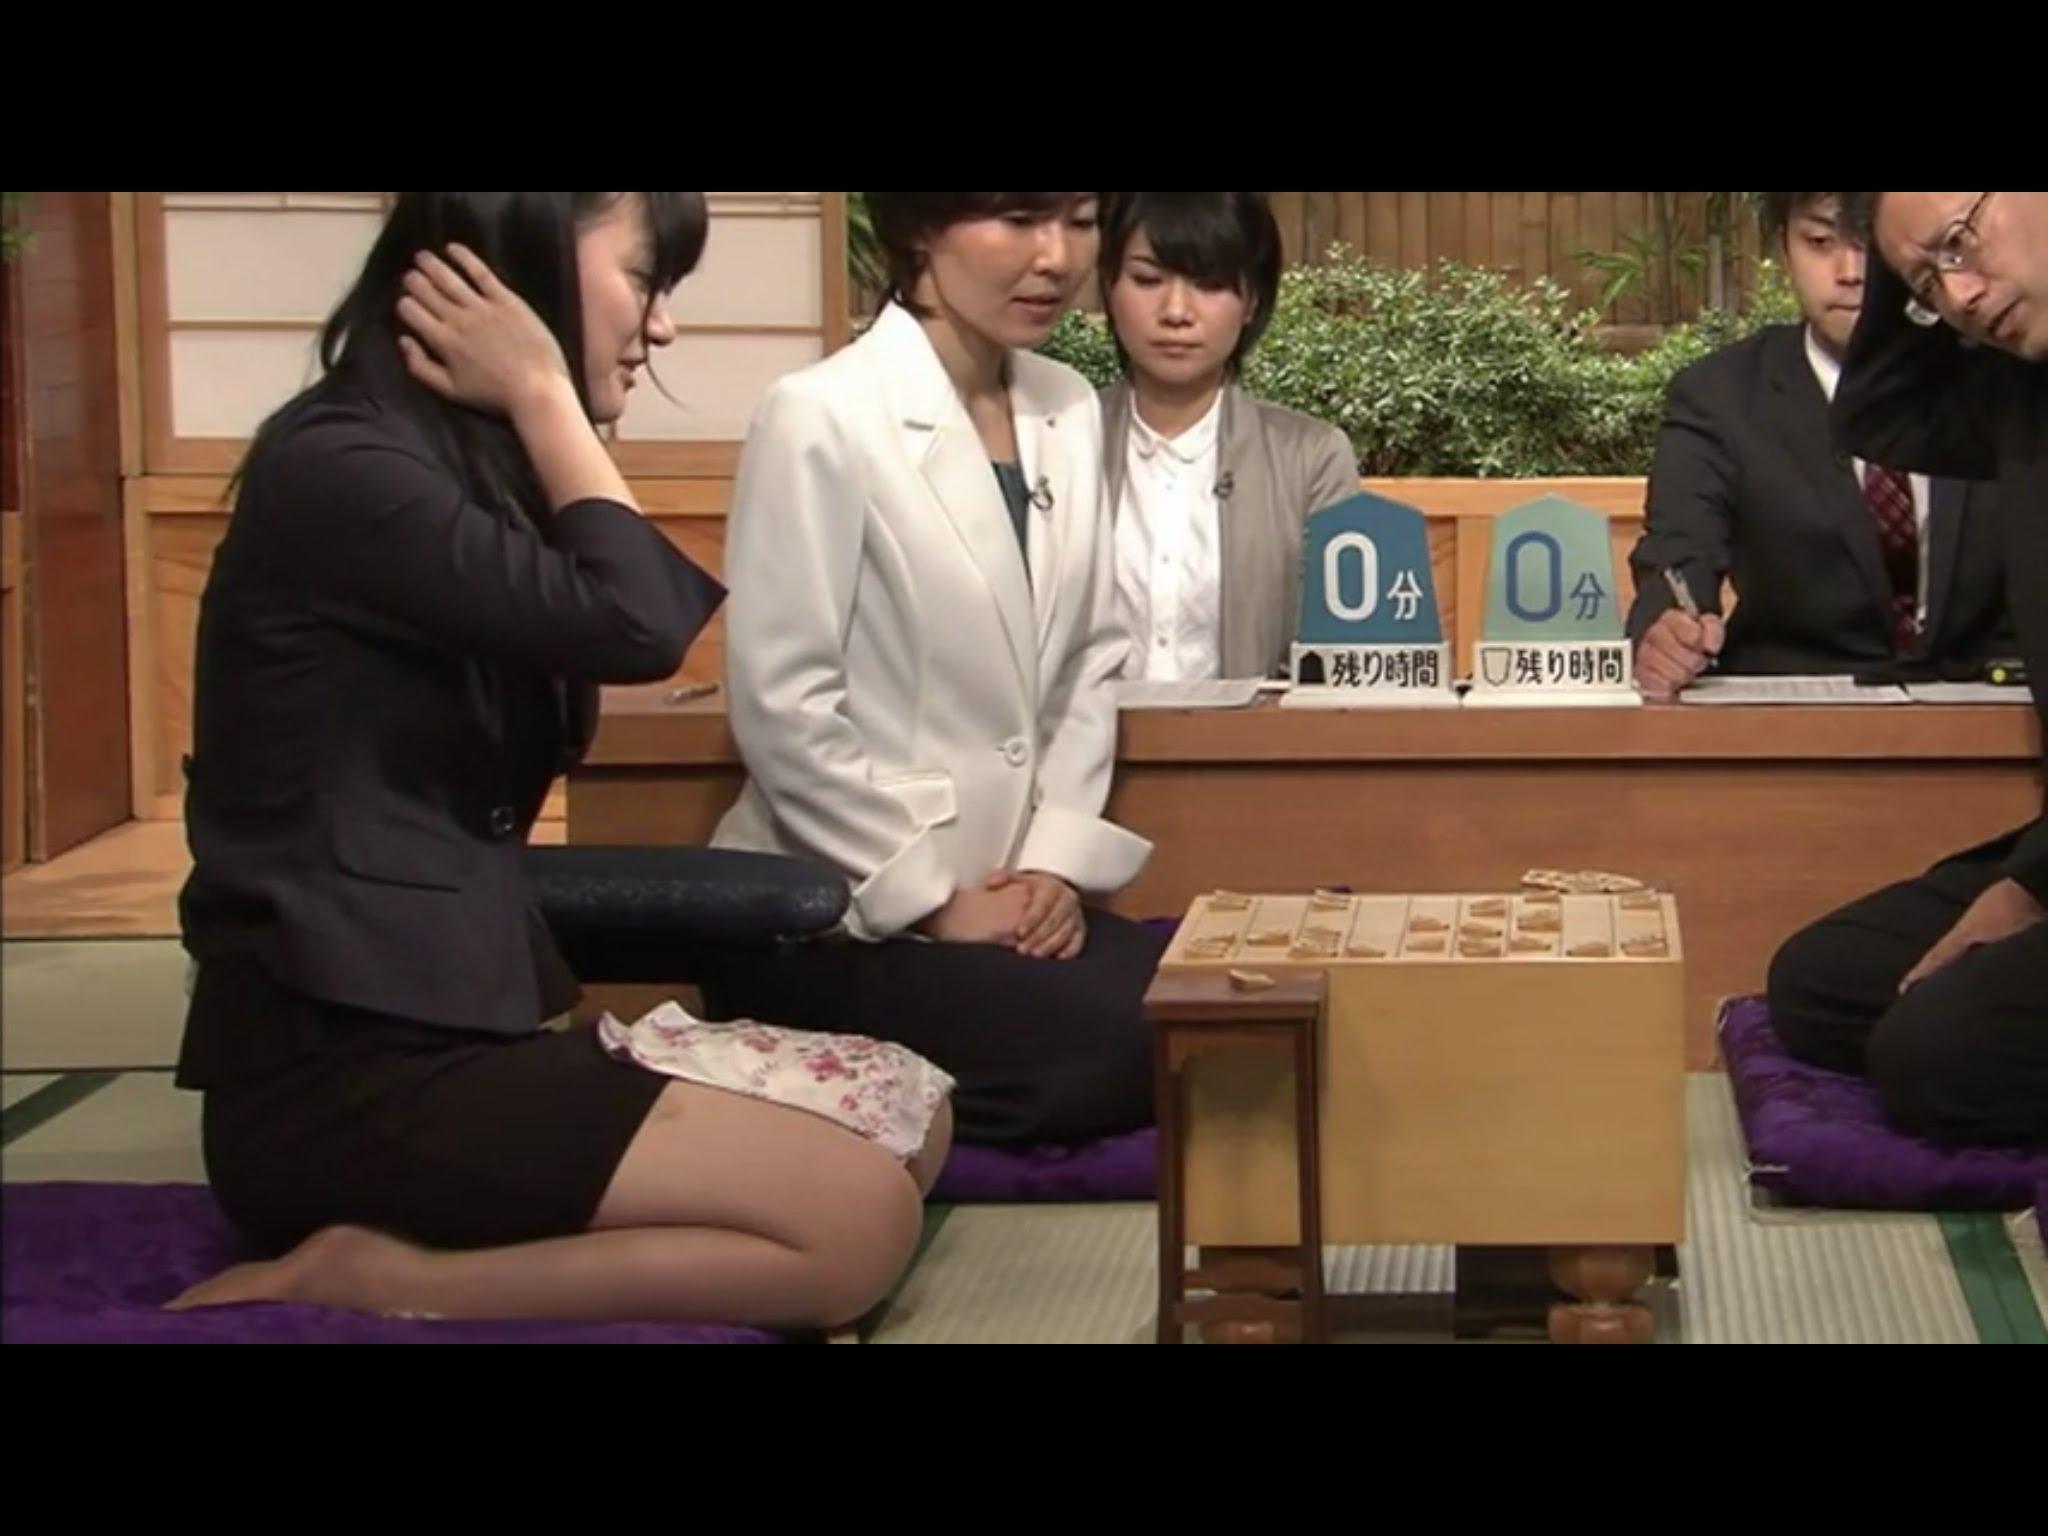 美人で超かわいい 女流棋士 香川愛生さんのミニスカ動画